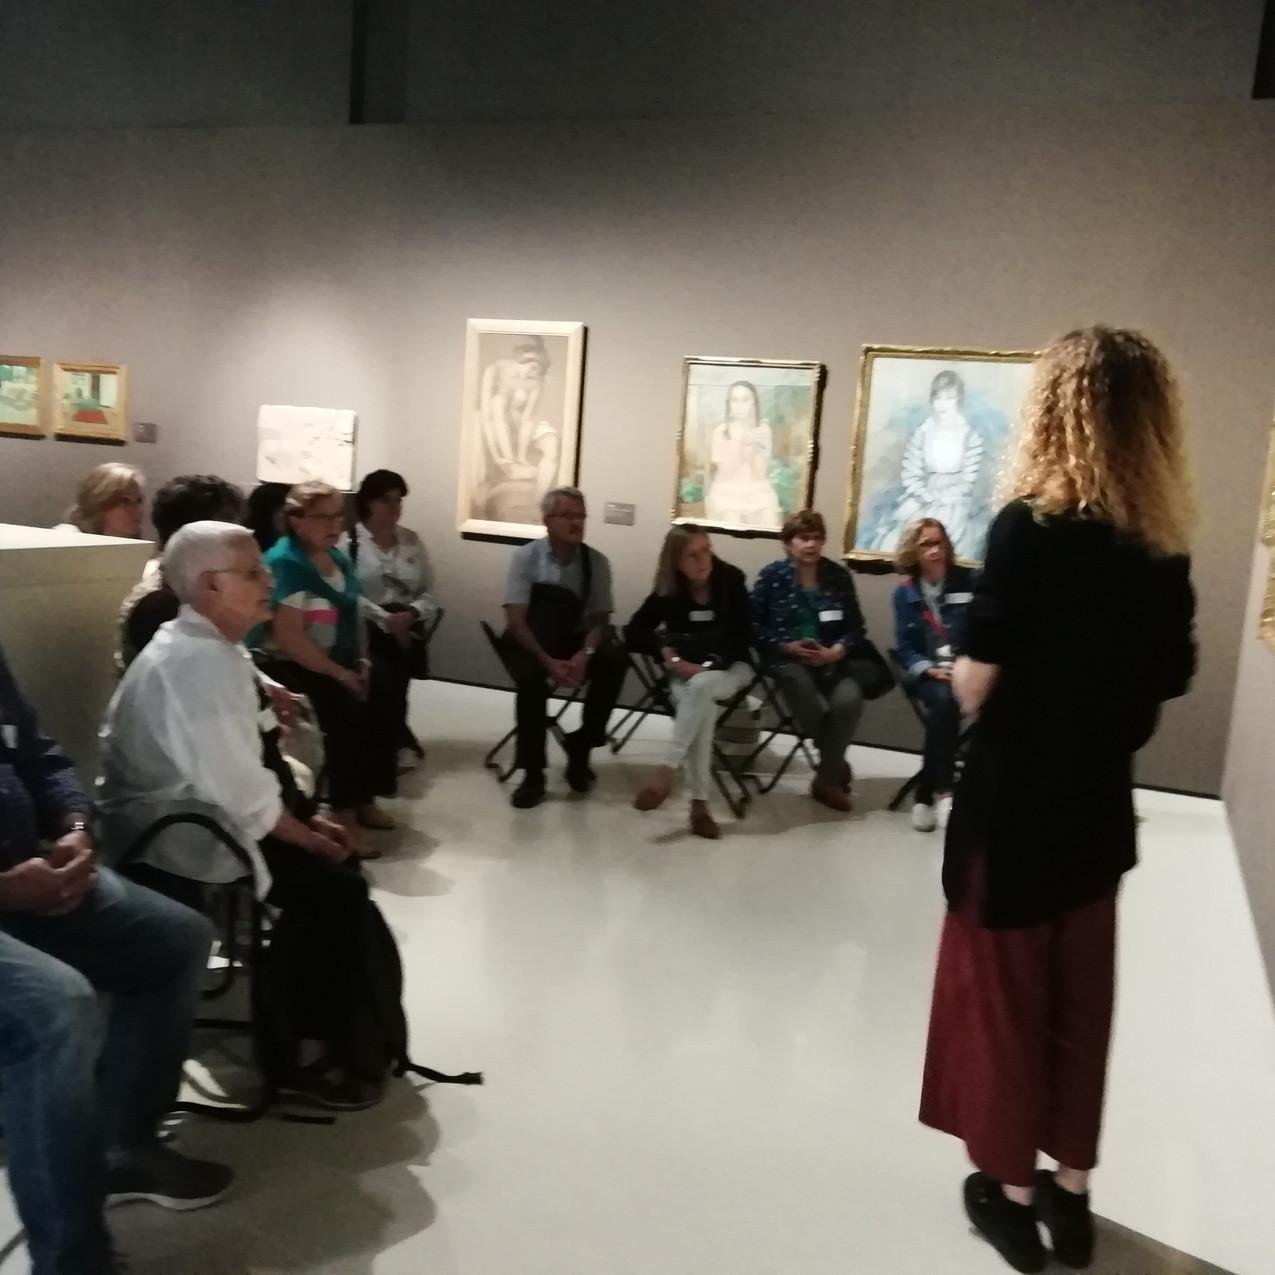 L'art per parlar